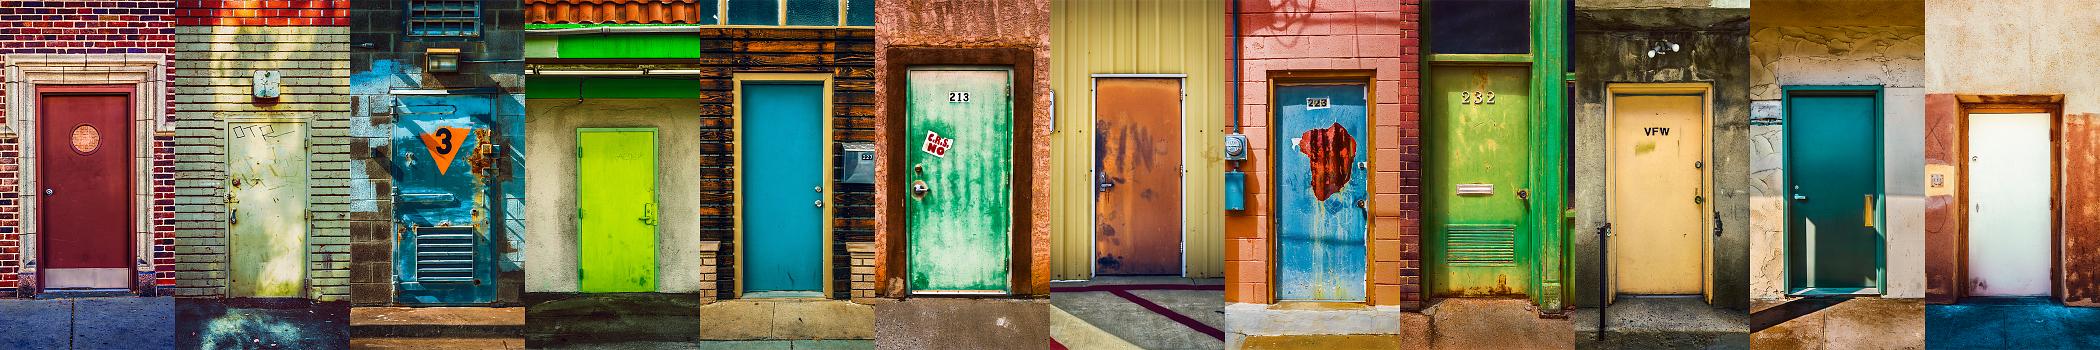 |Doors|: III - |Doors|: III